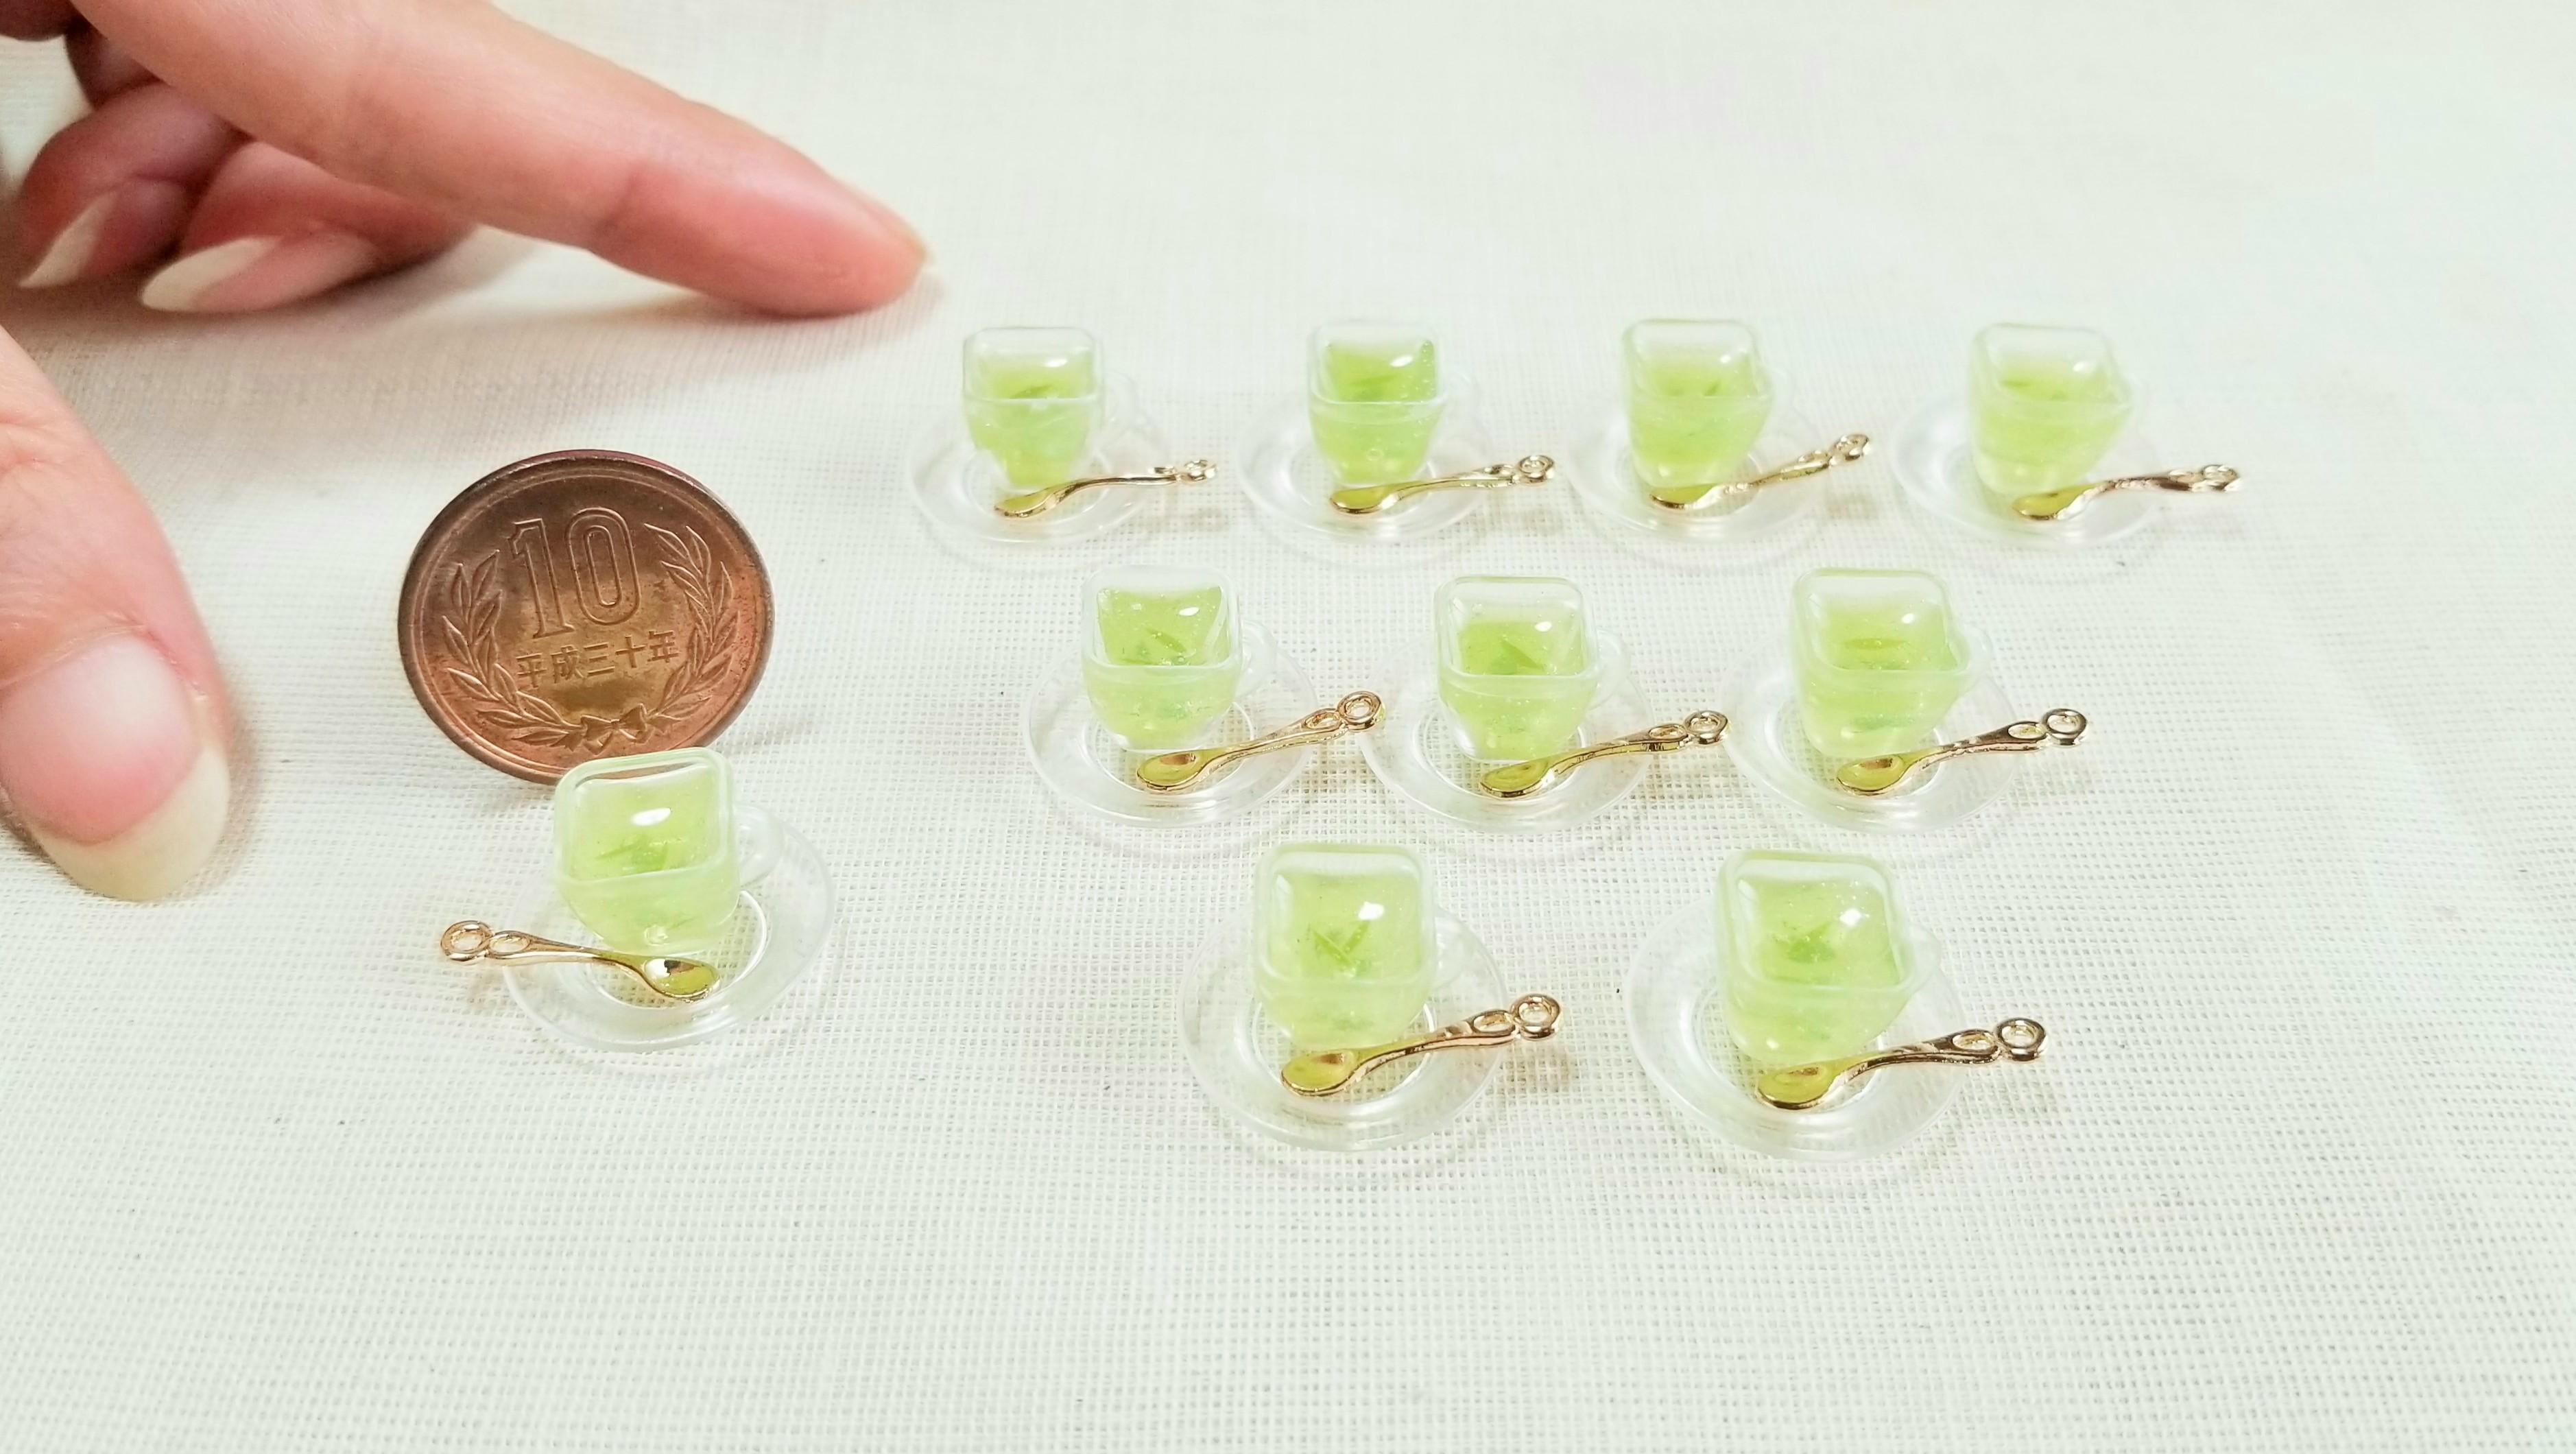 ミニチュアフードかわいいスイーツデザートミンネで販売中人気商品